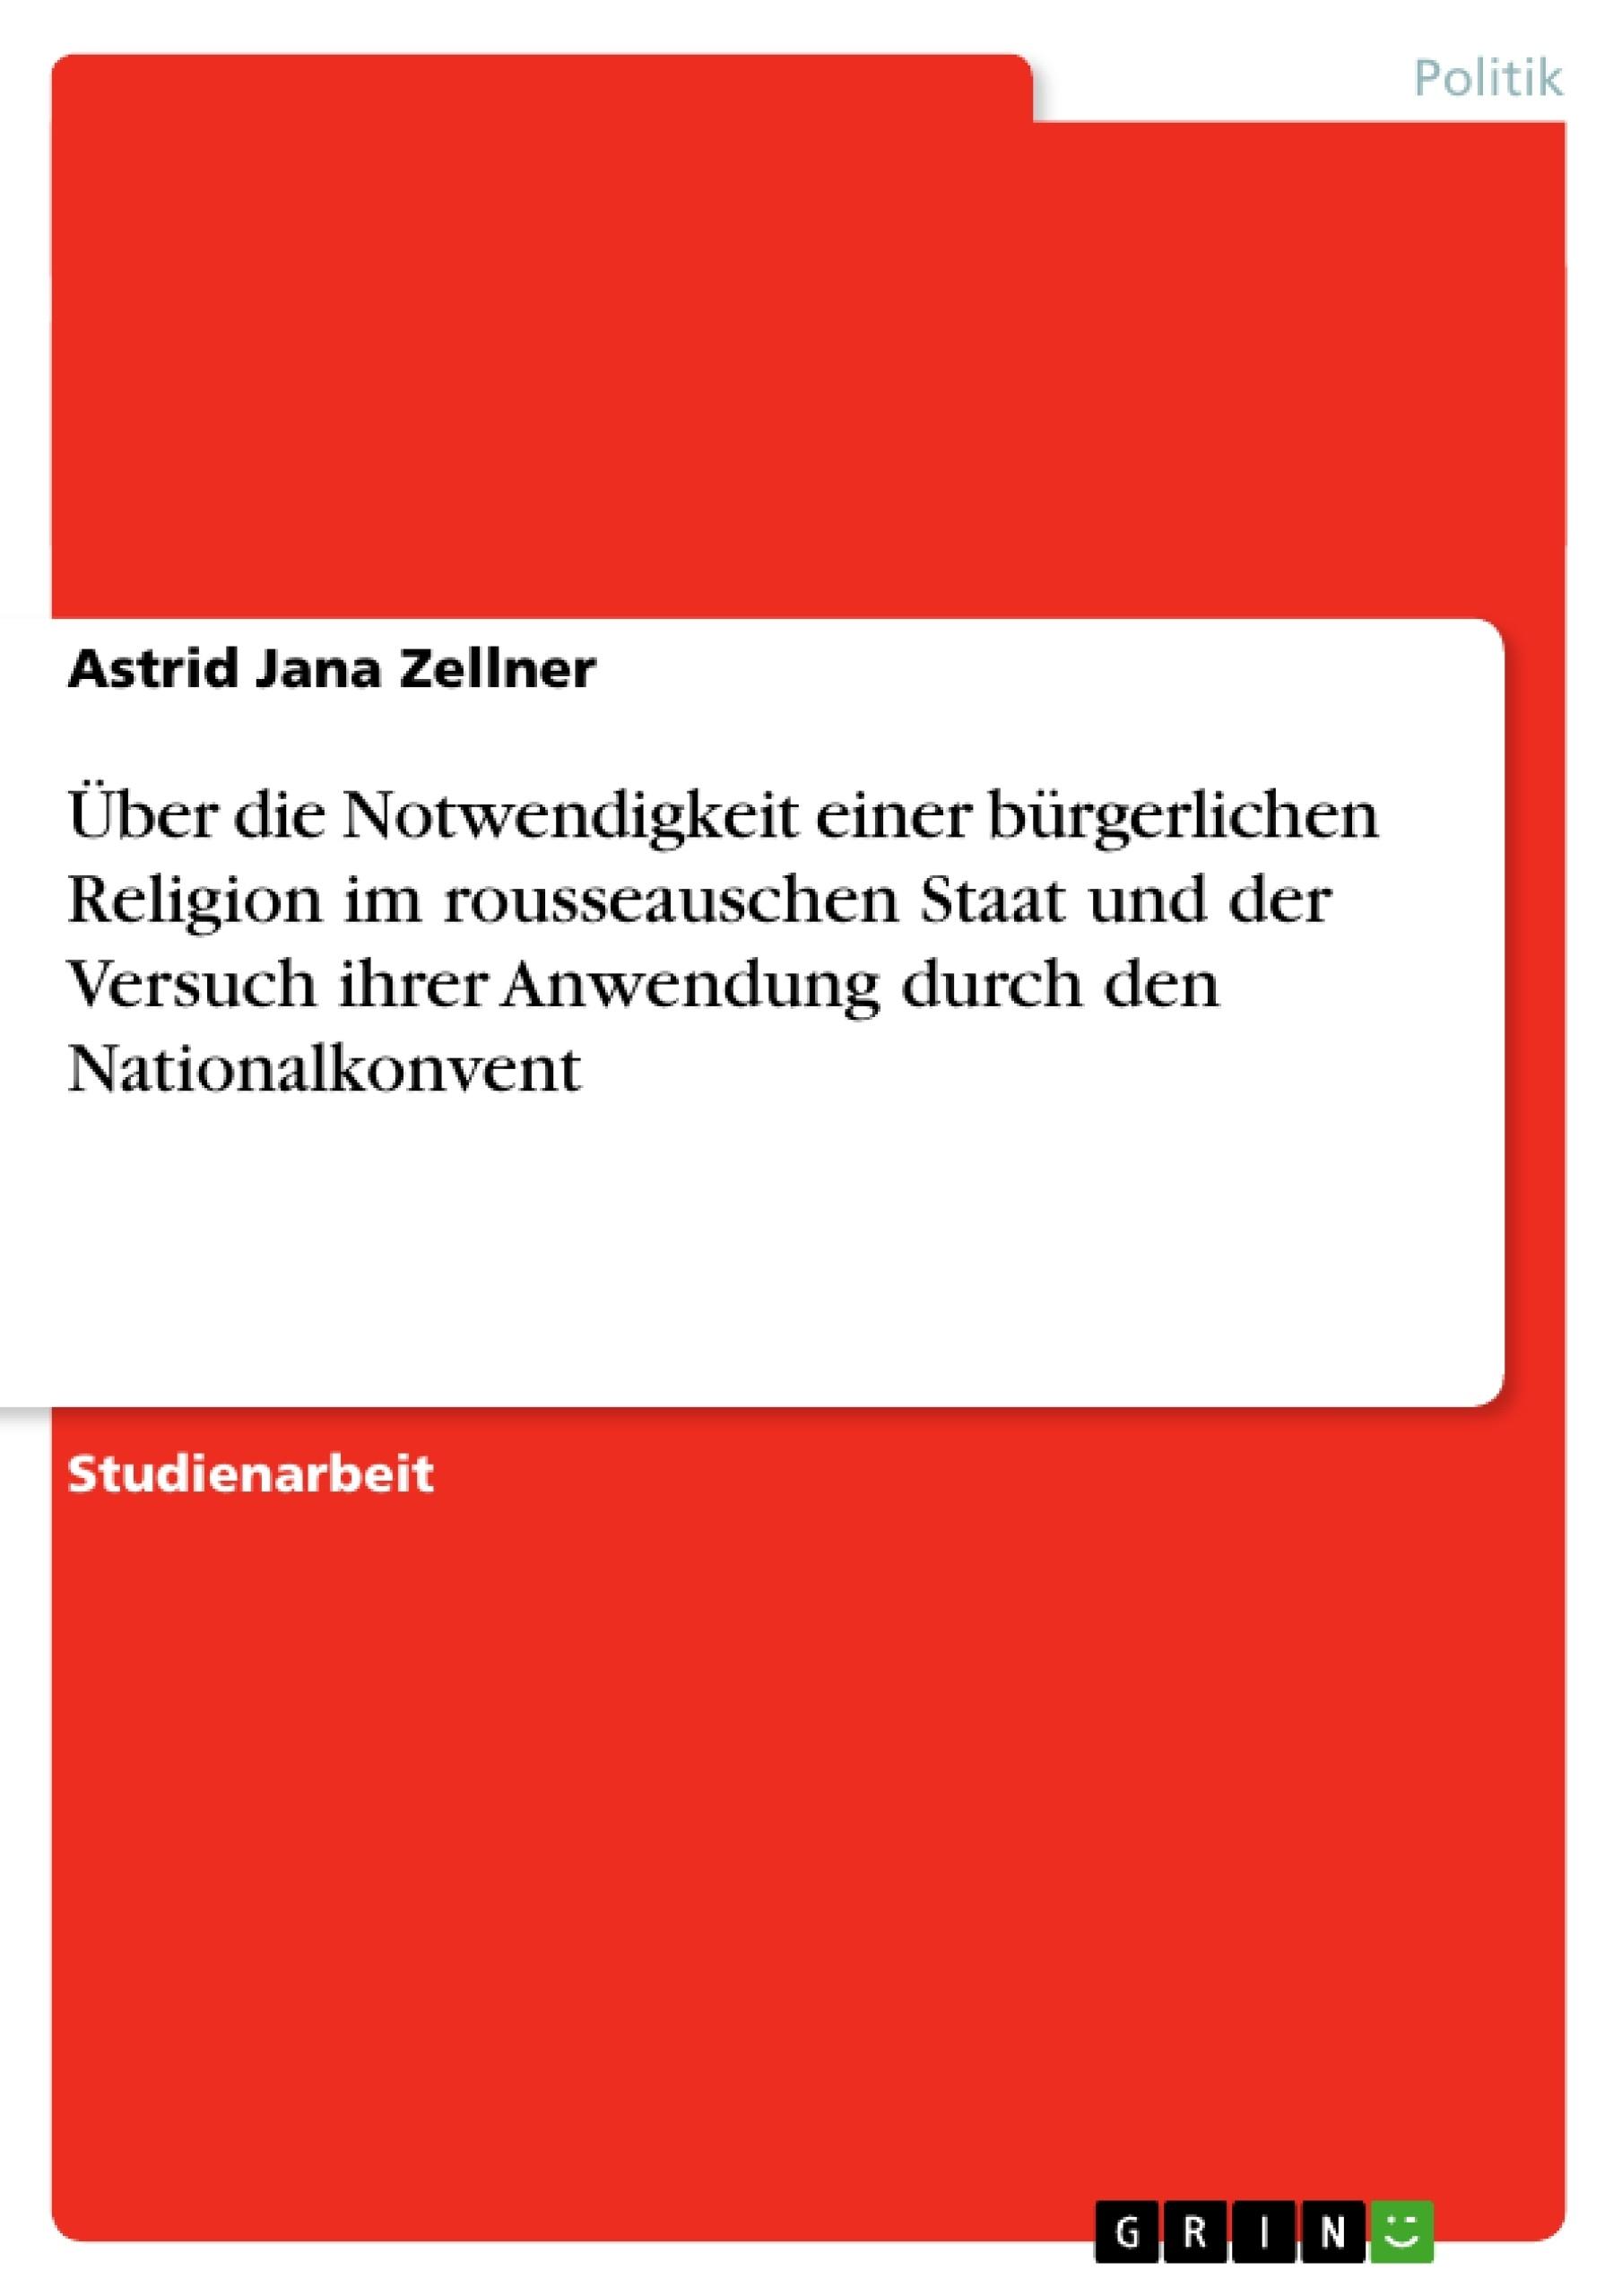 Titel: Über die Notwendigkeit einer bürgerlichen Religion im rousseauschen Staat und der Versuch ihrer Anwendung durch den Nationalkonvent